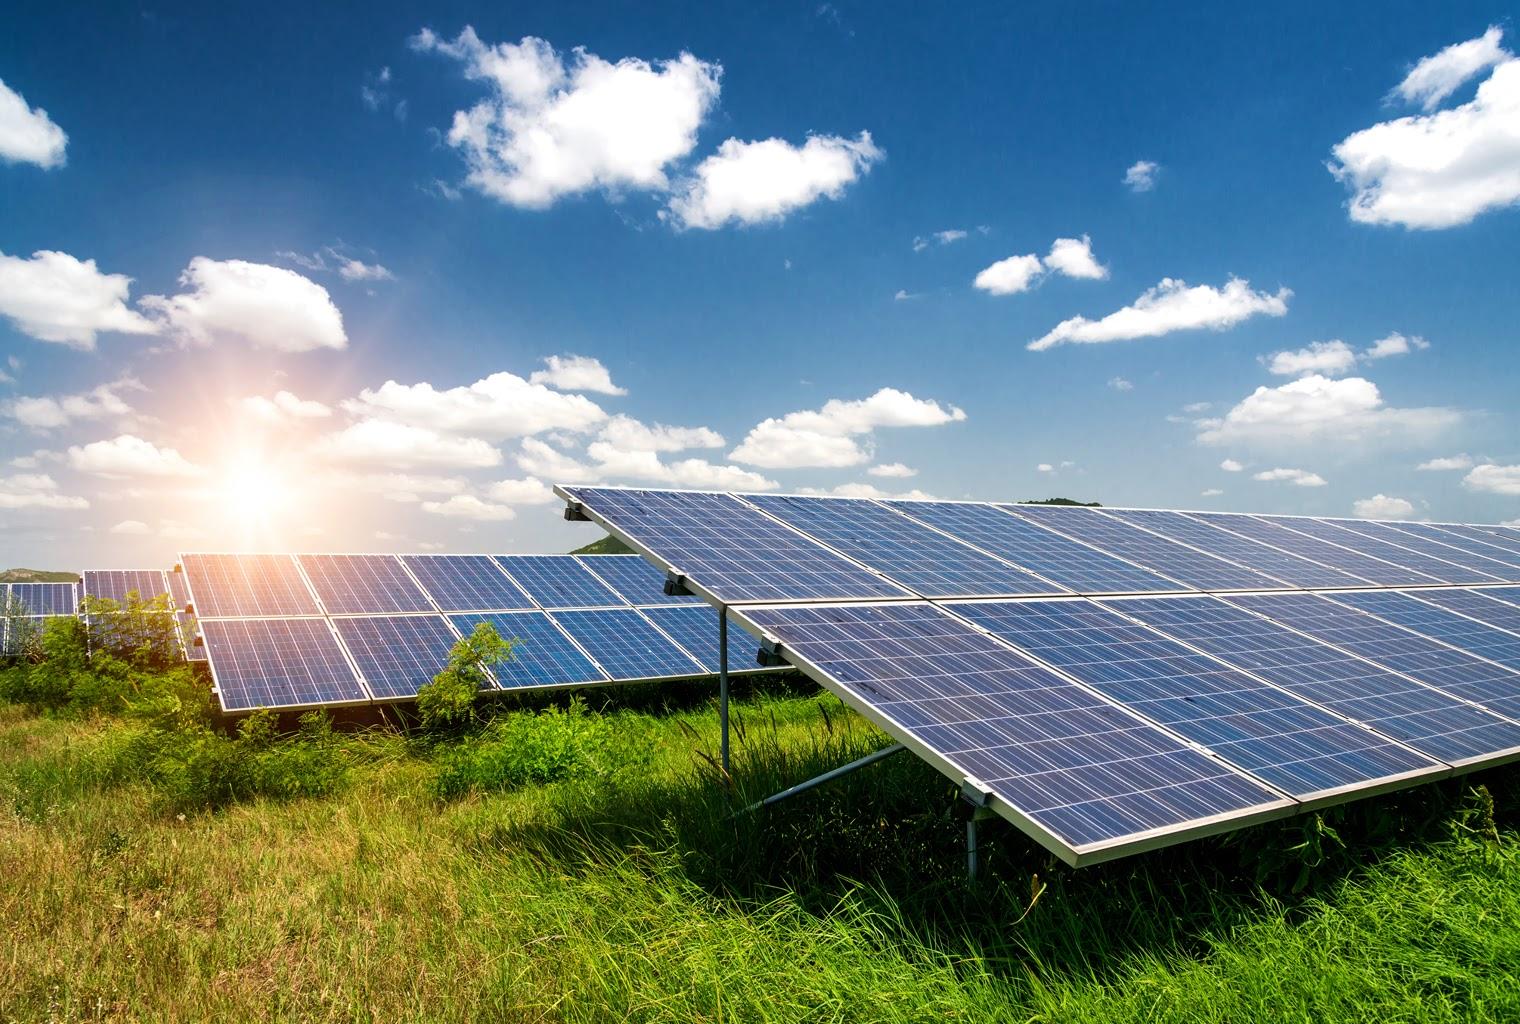 Hệ Thống Điện Năng Lượng Mặt Trời Và Giá Lắp Đặt 1